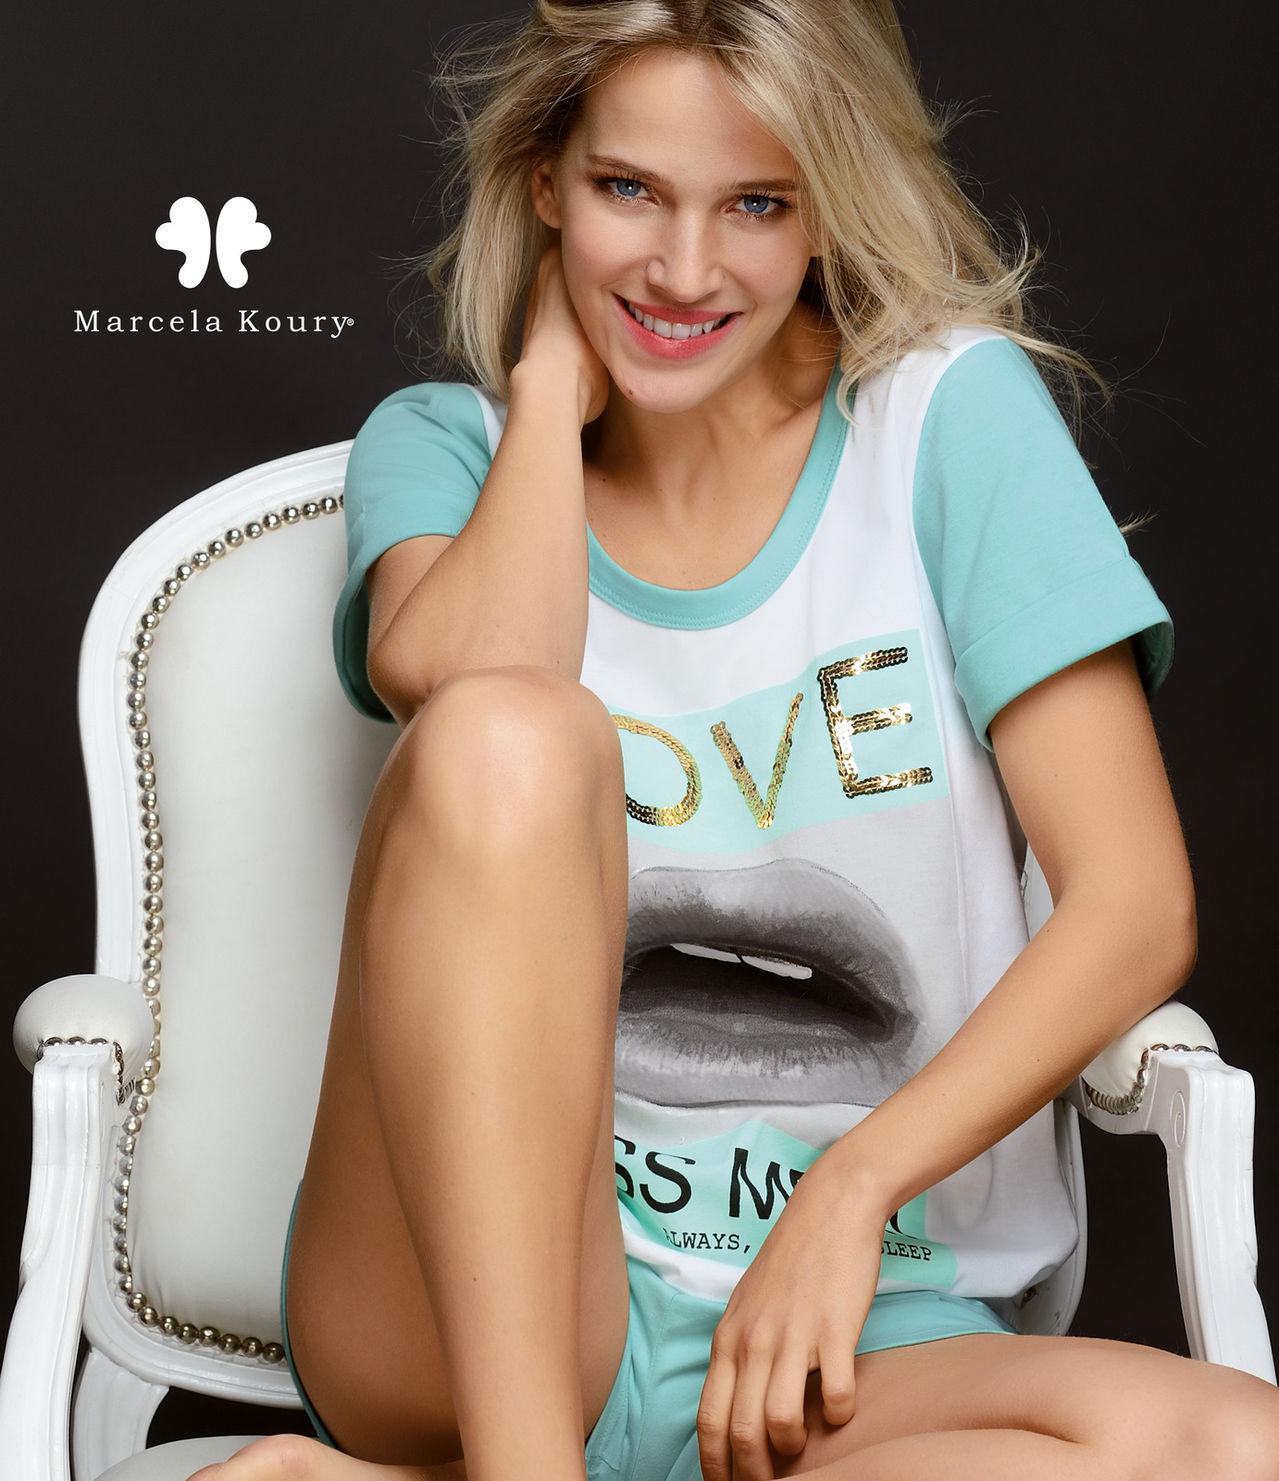 Luisana lopilato / ლუიზიანა ლოპილატო - Page 6 2014_15_mk_Pijamas_021